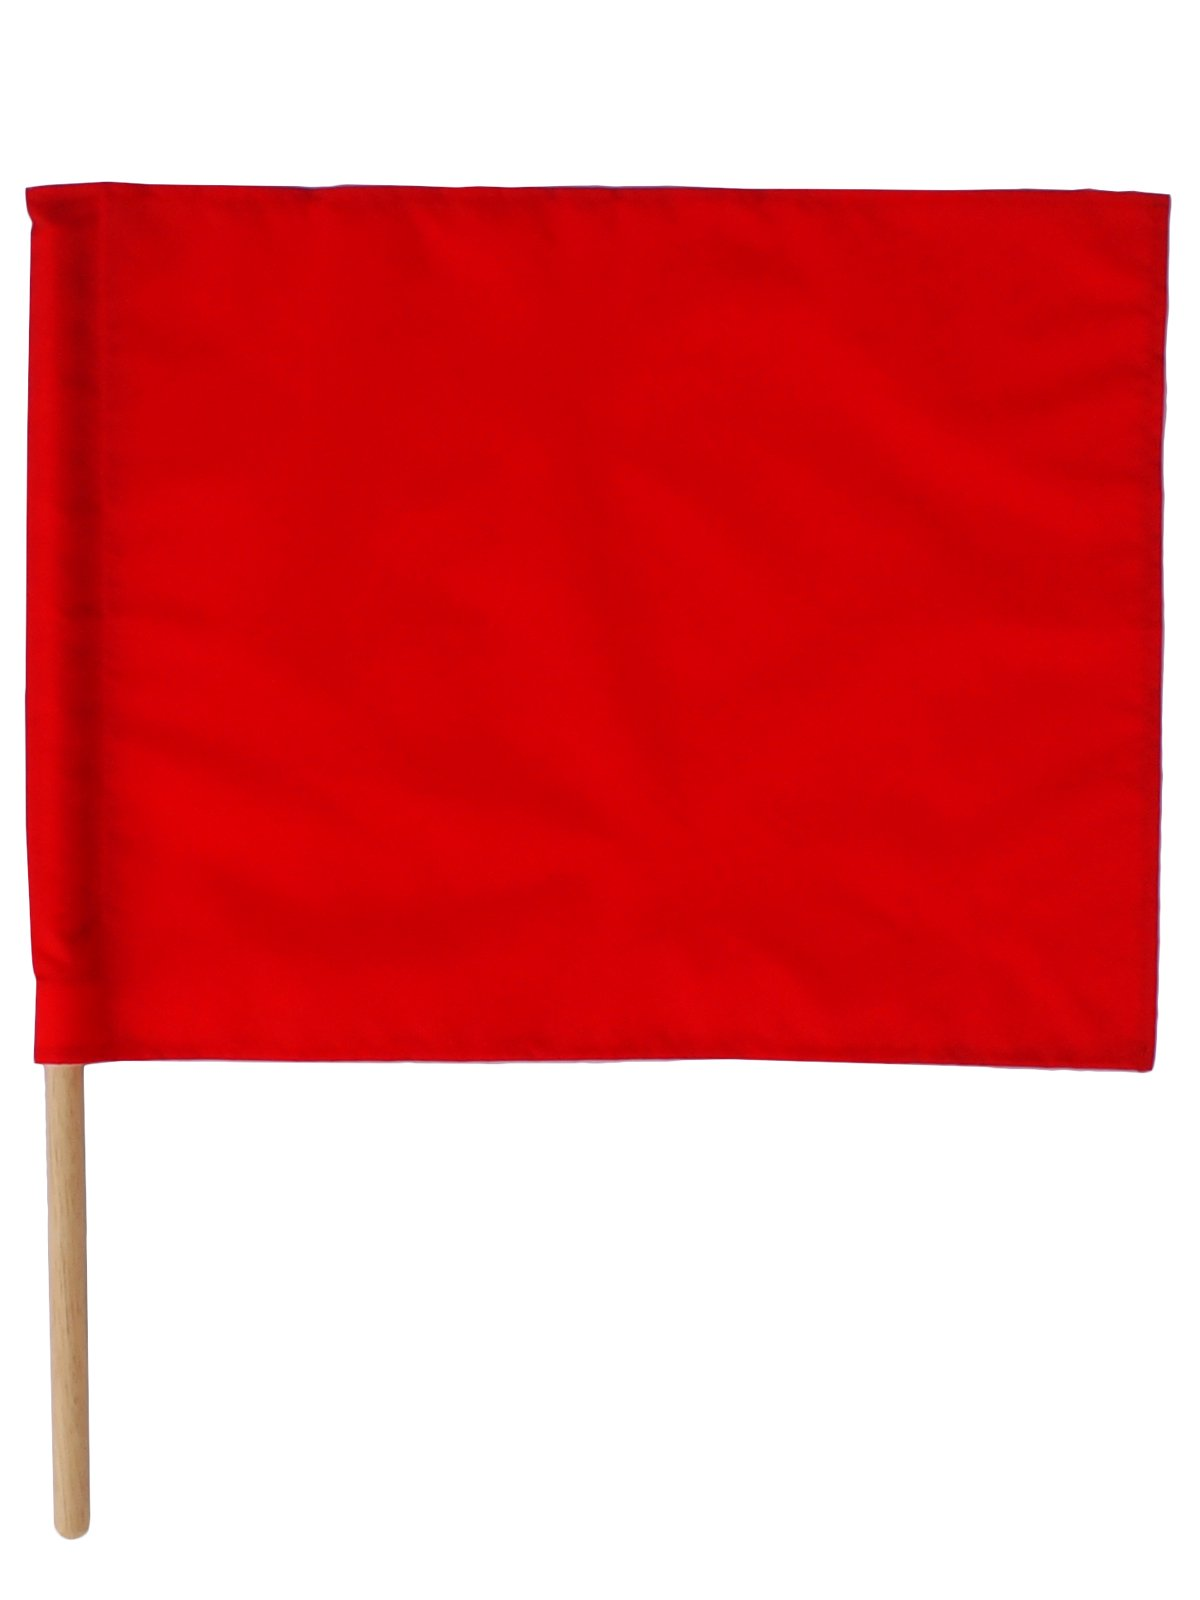 紅白手旗(旗棒付)小 30×40cm【画像2】